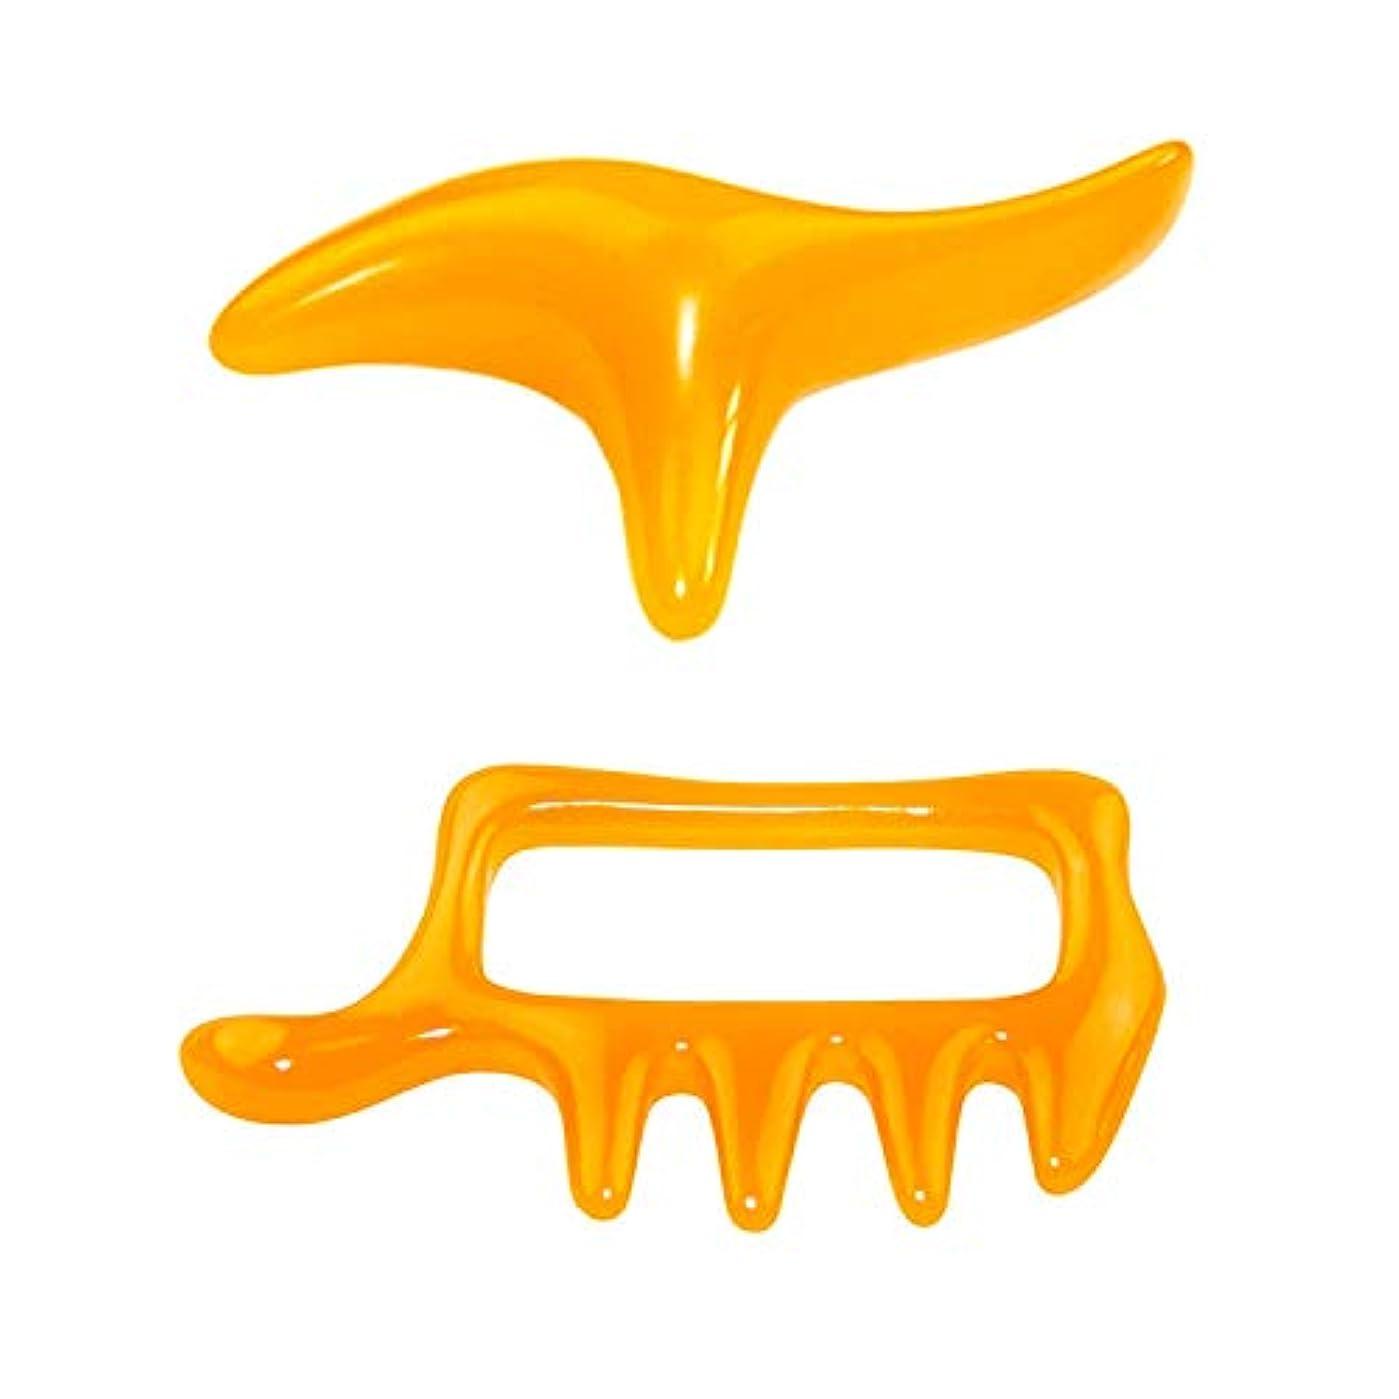 褐色転送常習的ツボ押し棒 肩/首/背中/足ツボマッサージ器具